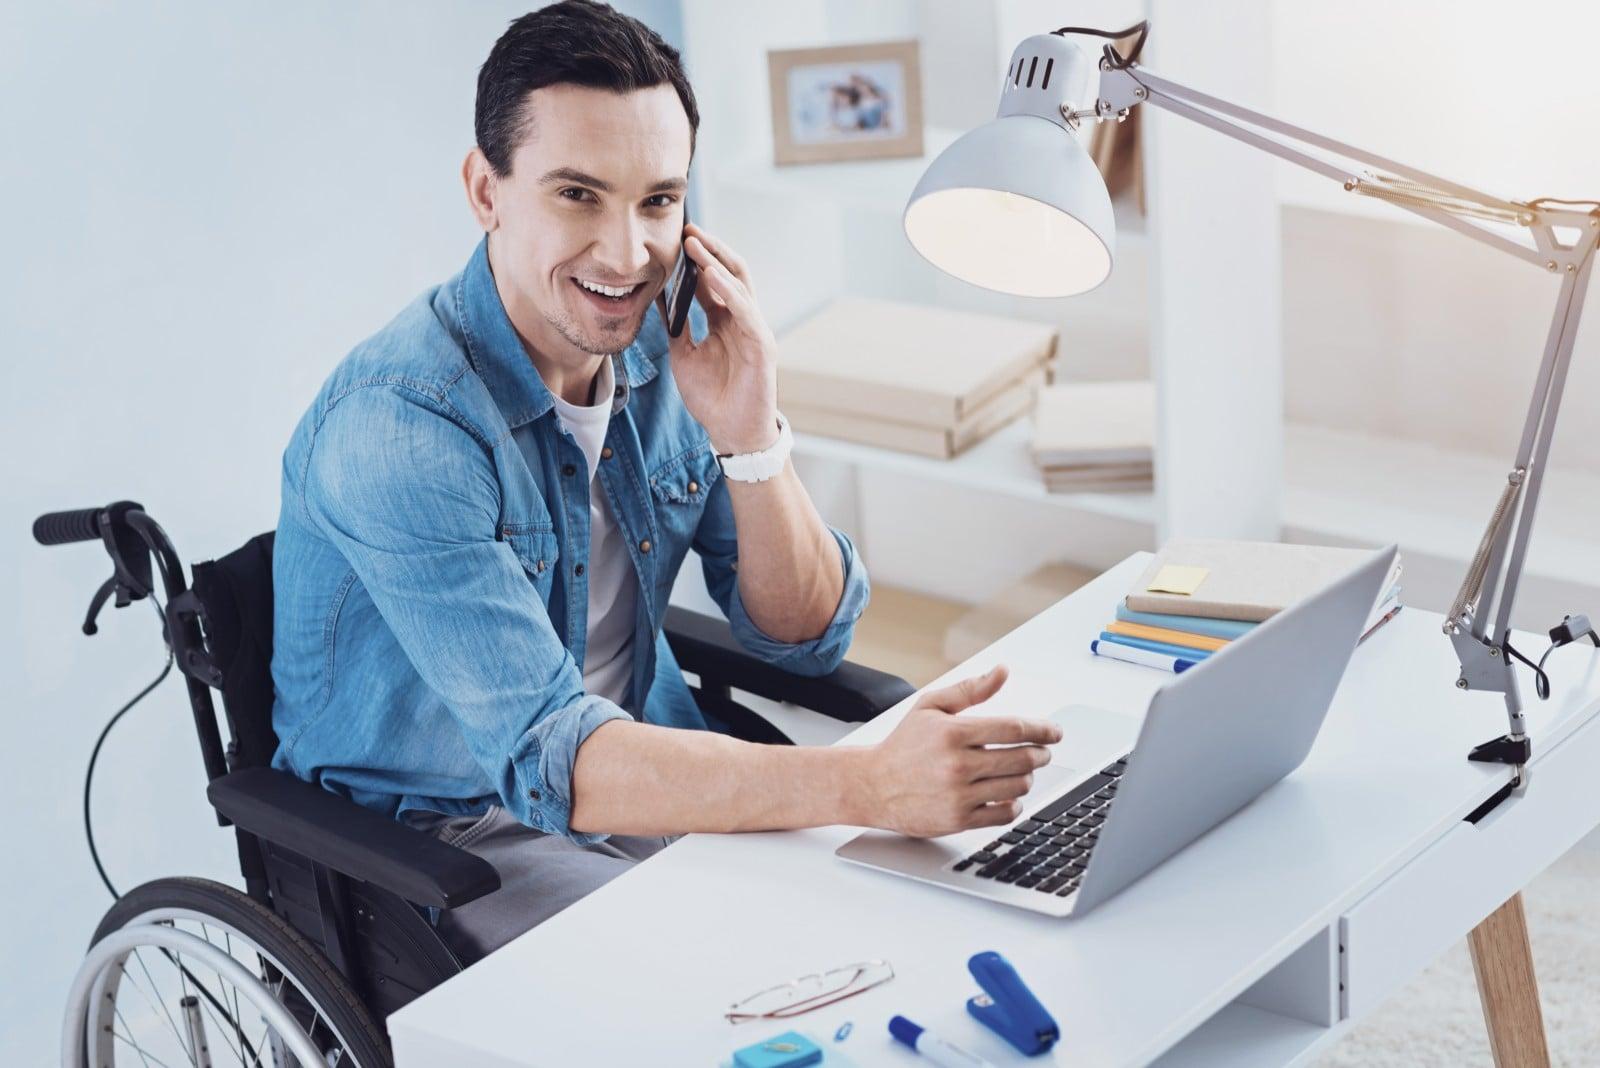 Заочно-дистанционное обучение и самозанятость инвалидов